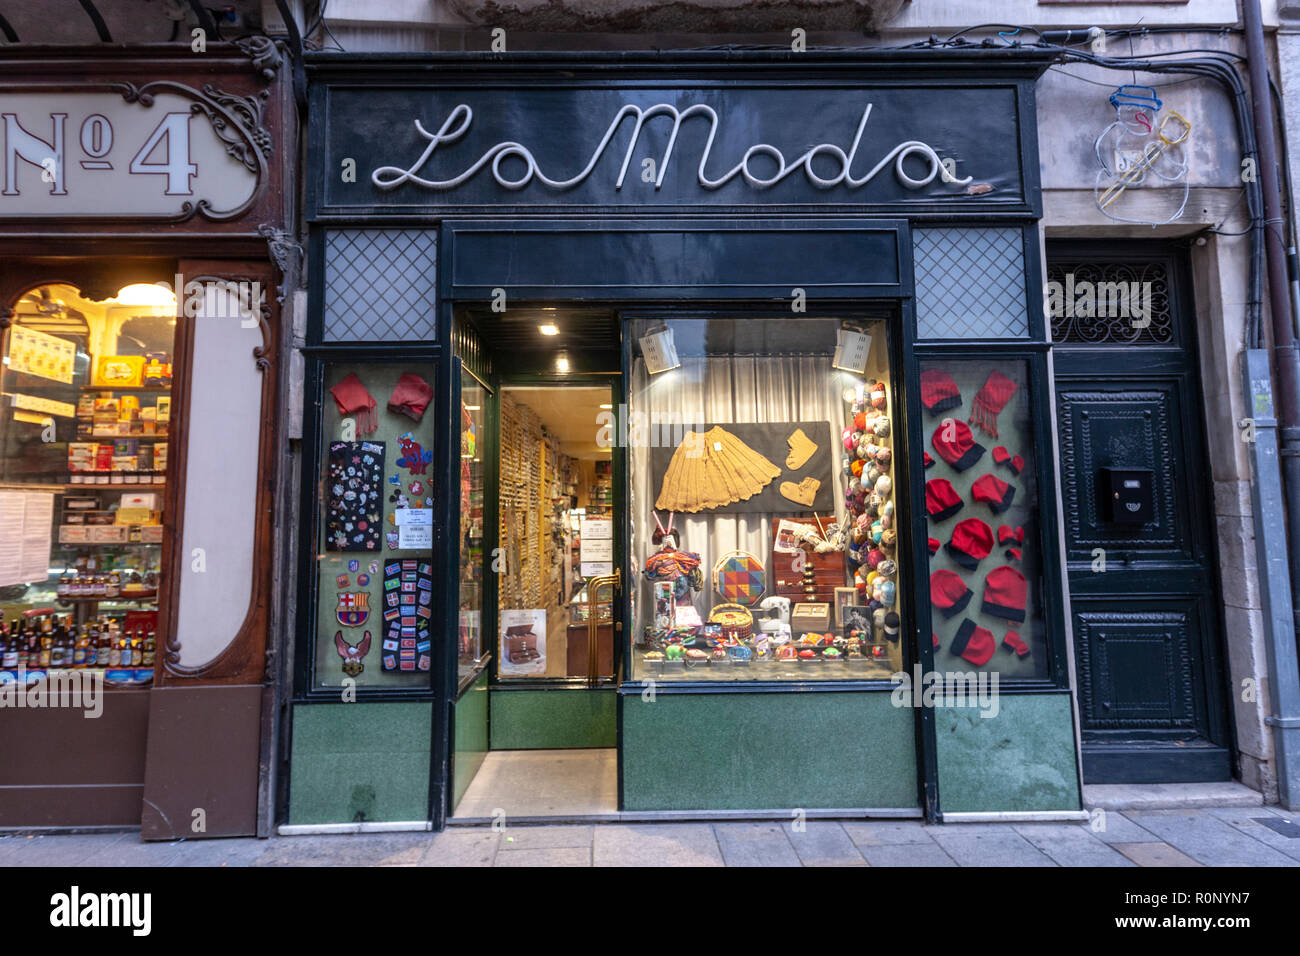 Carrer Dels Ciutadans, emblematici vetrina in Girona e La Moda shop, Catalogna, Spagna Immagini Stock